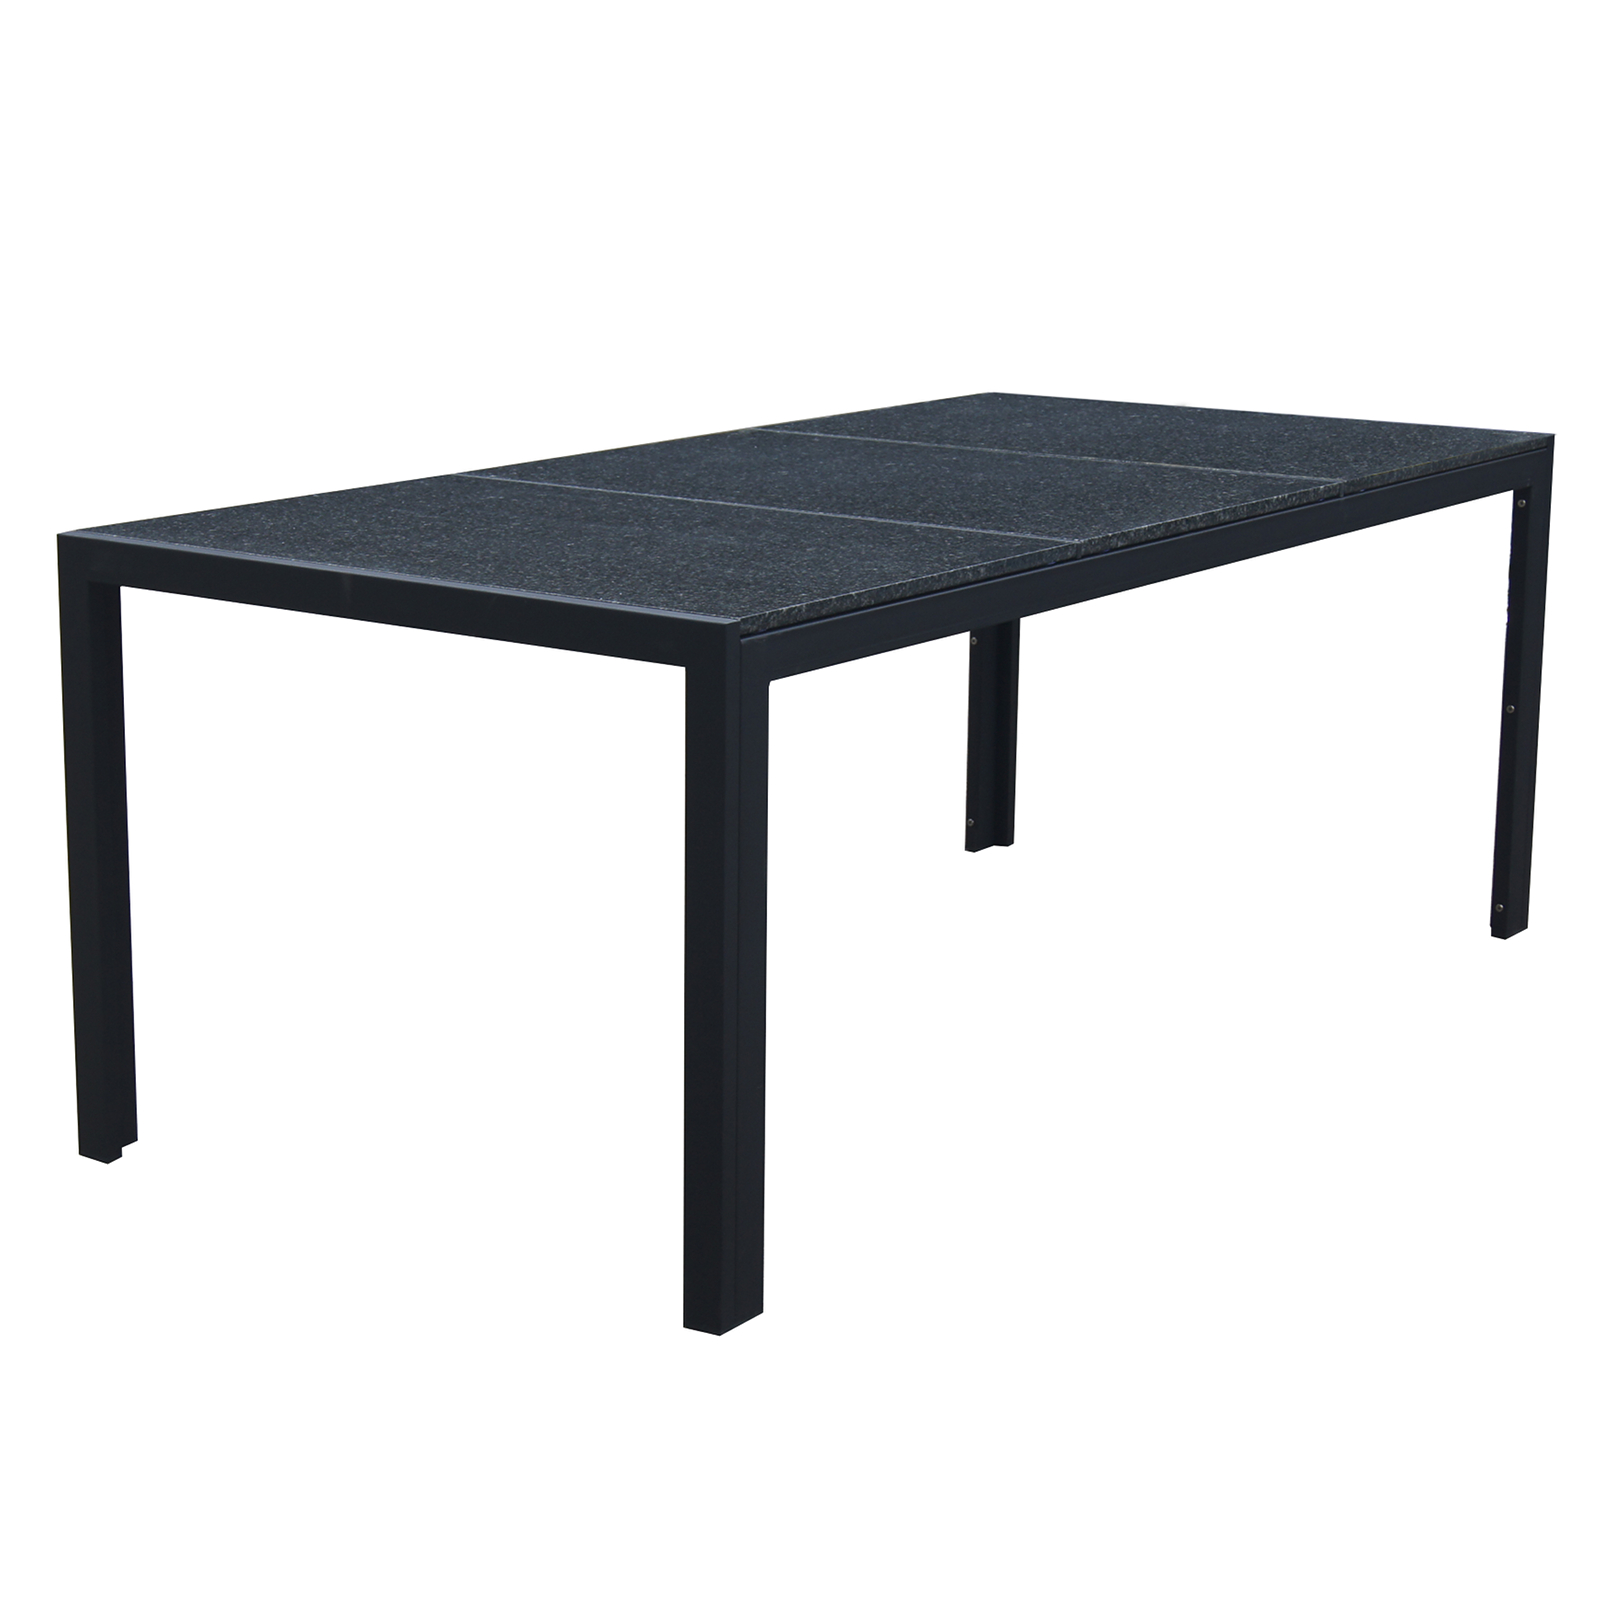 Granit Tischplatte Gartentisch Gartenmobel Outdoor Esstisch